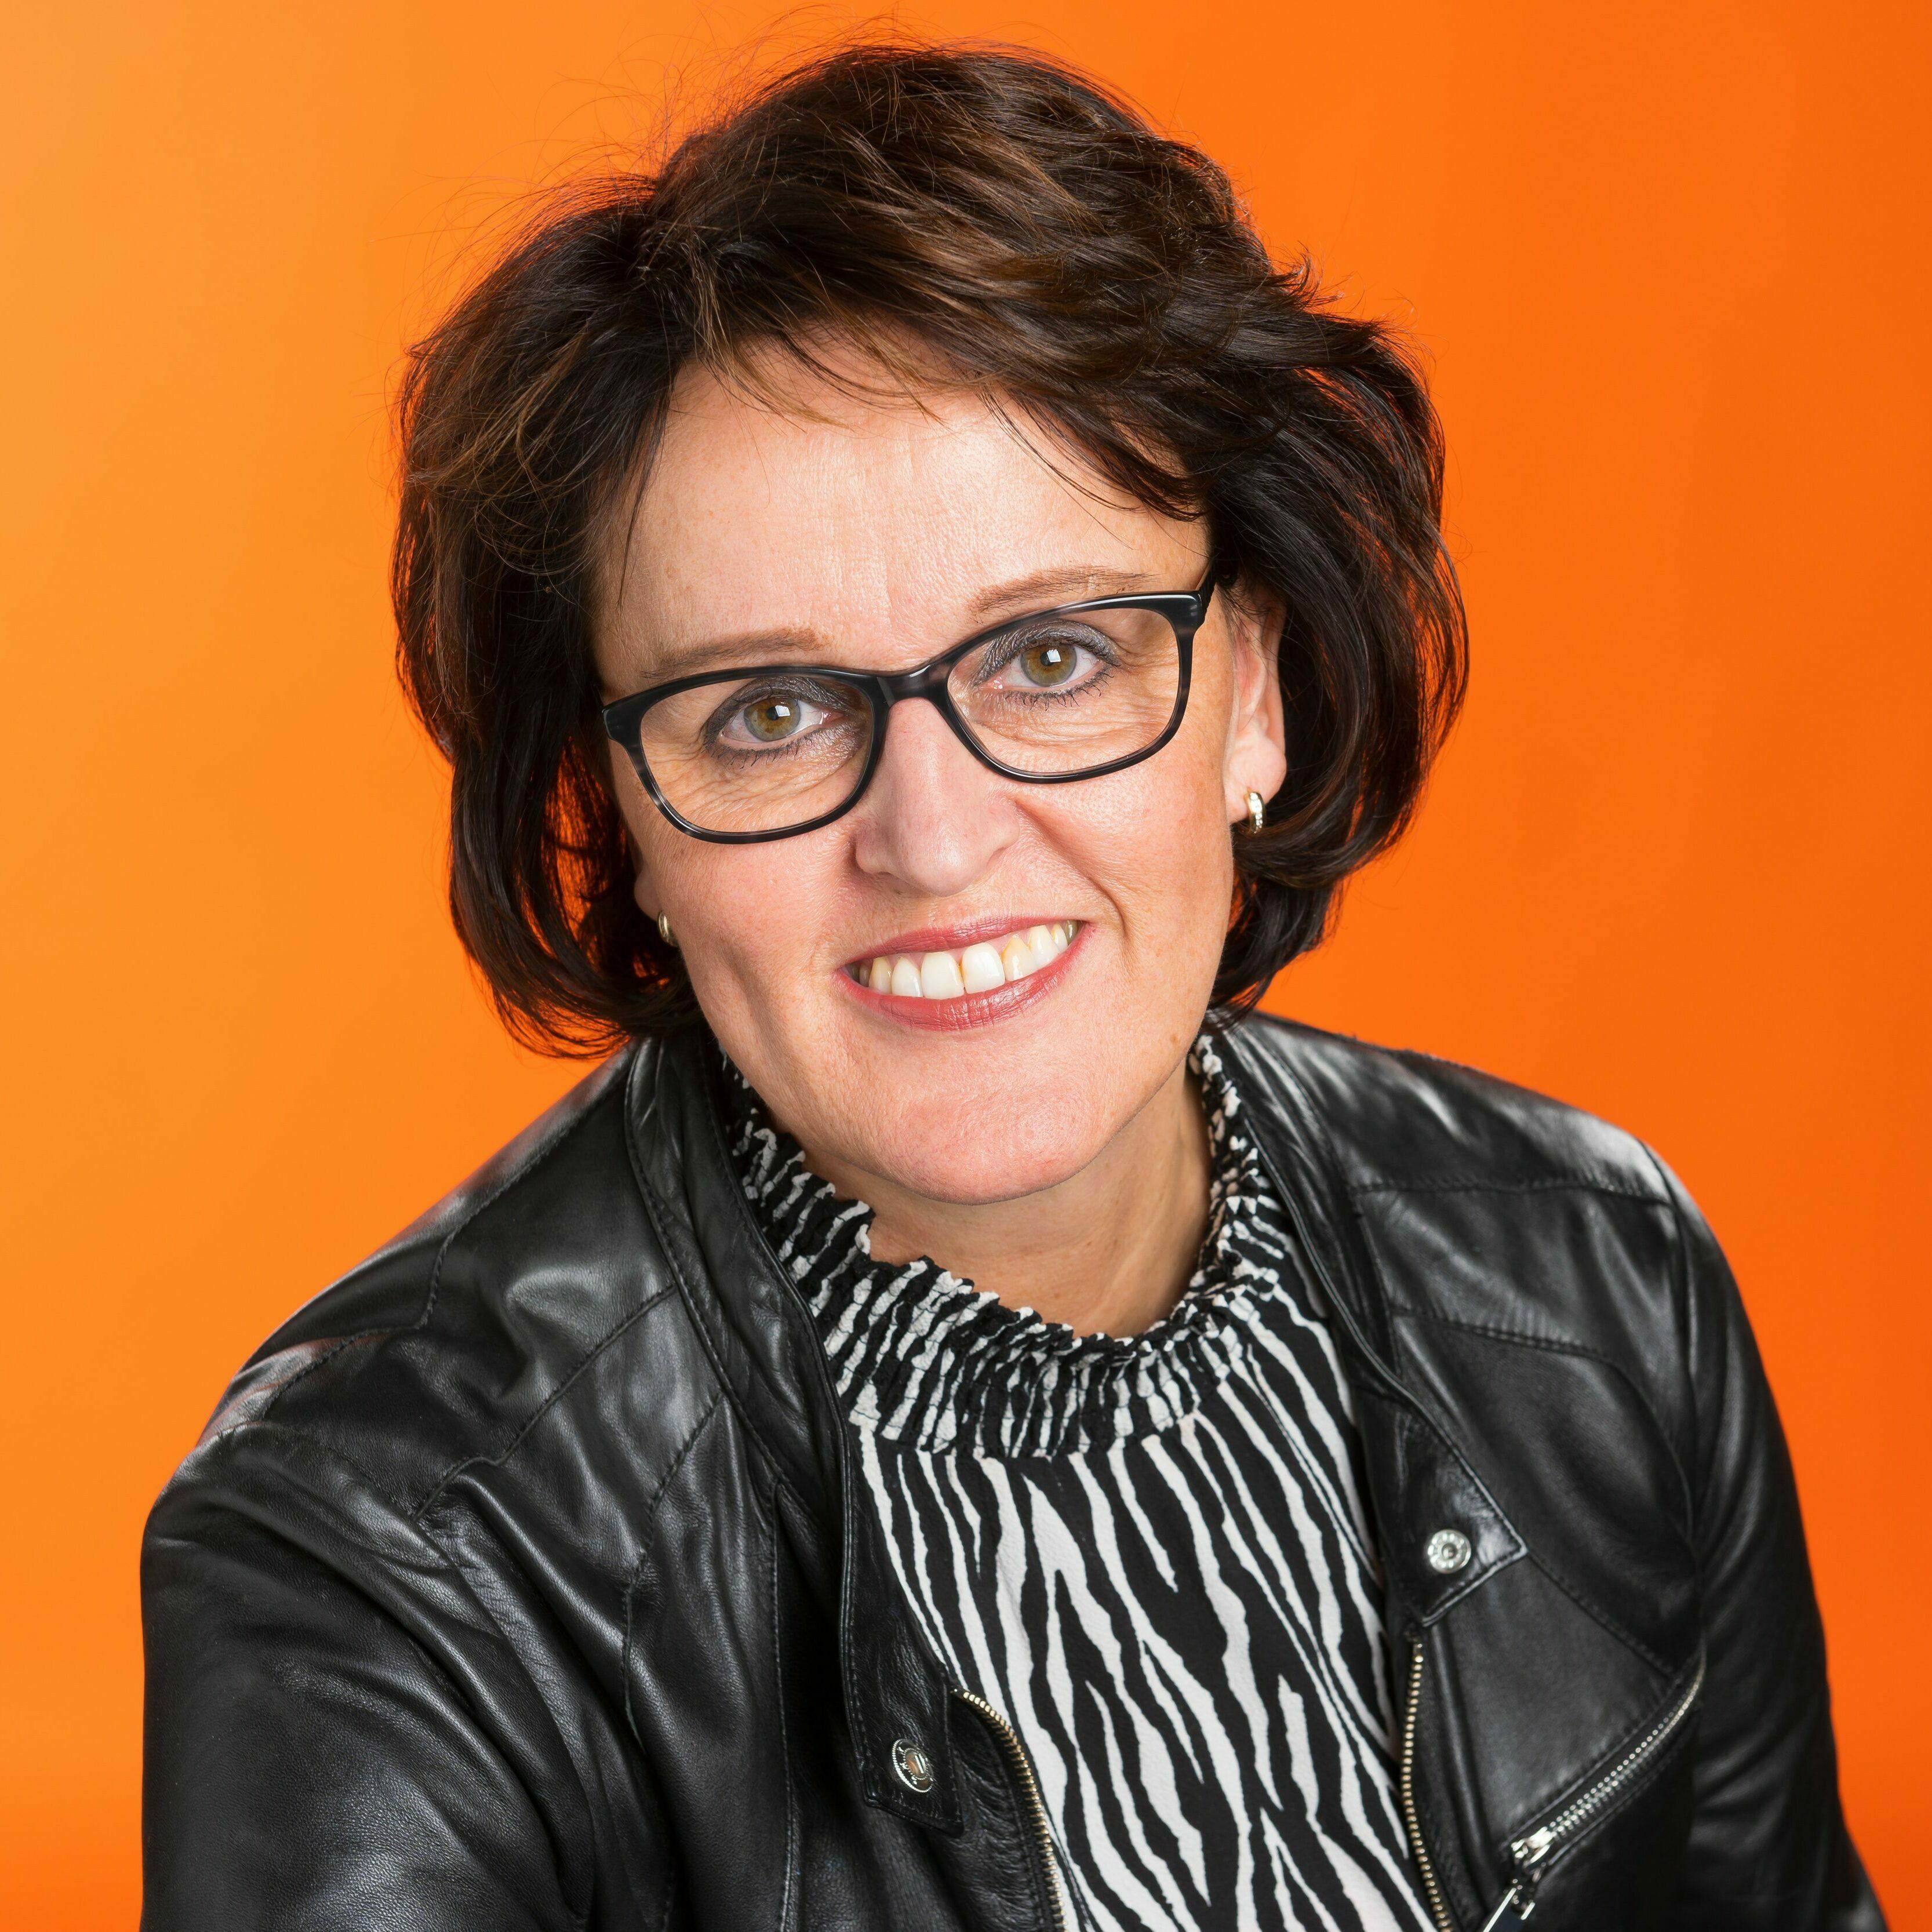 Marion Muller